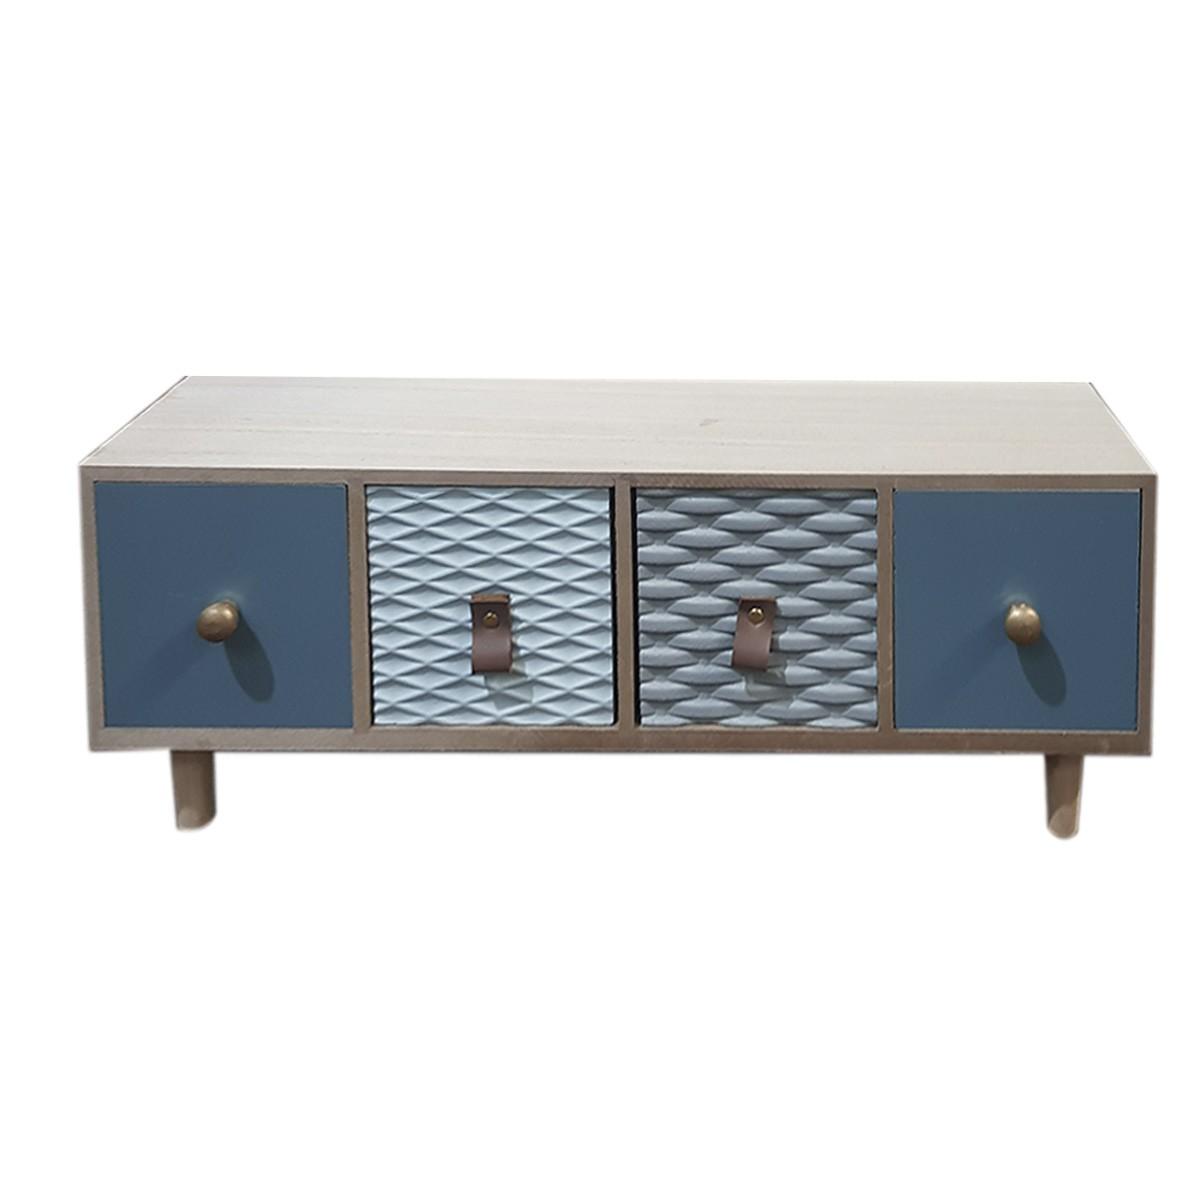 43*10*16cm armario de madeira